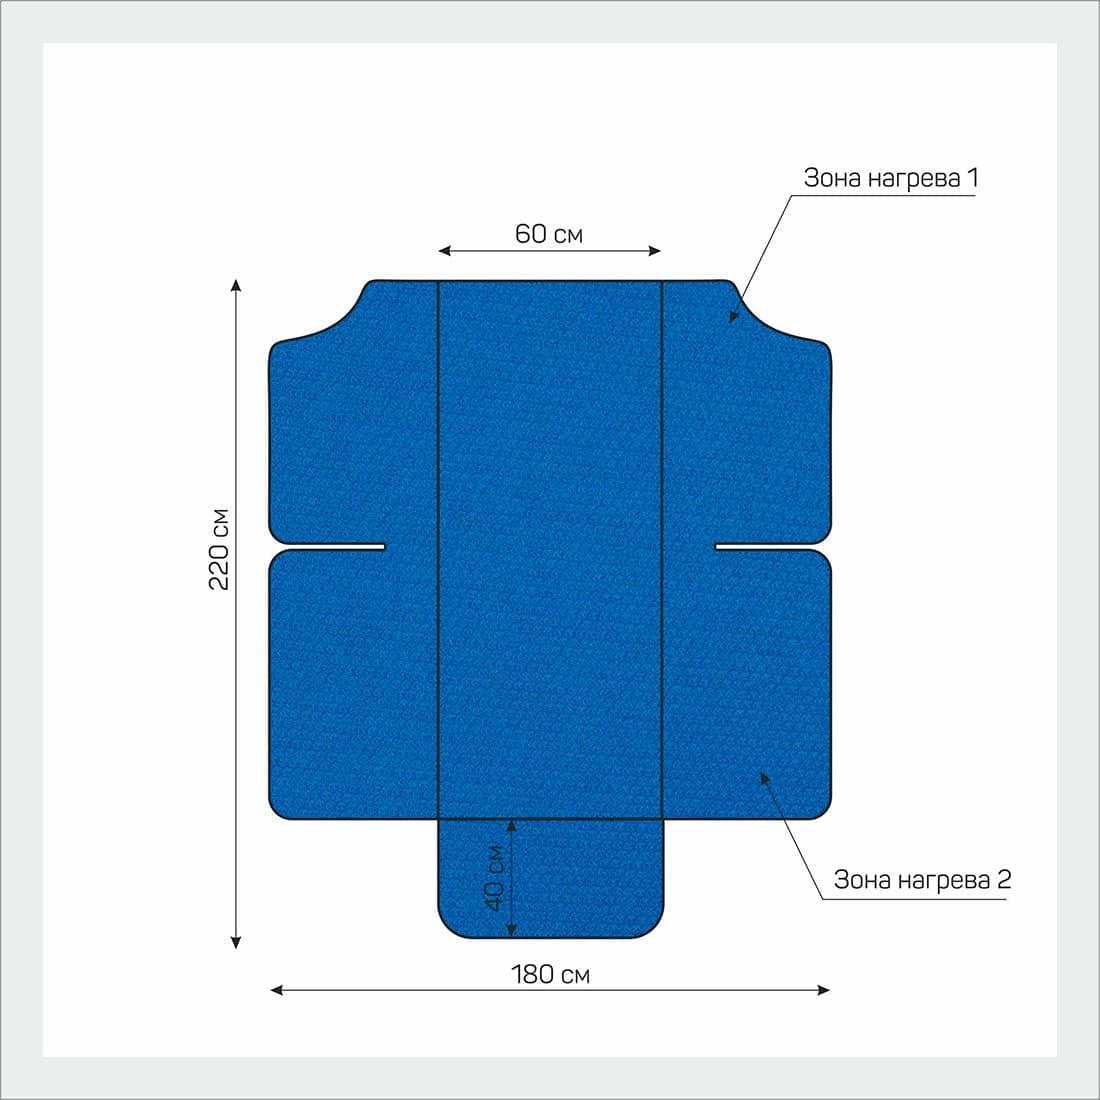 Infralight двухзонное электроодеяло для косметологии (180 * 220 см)